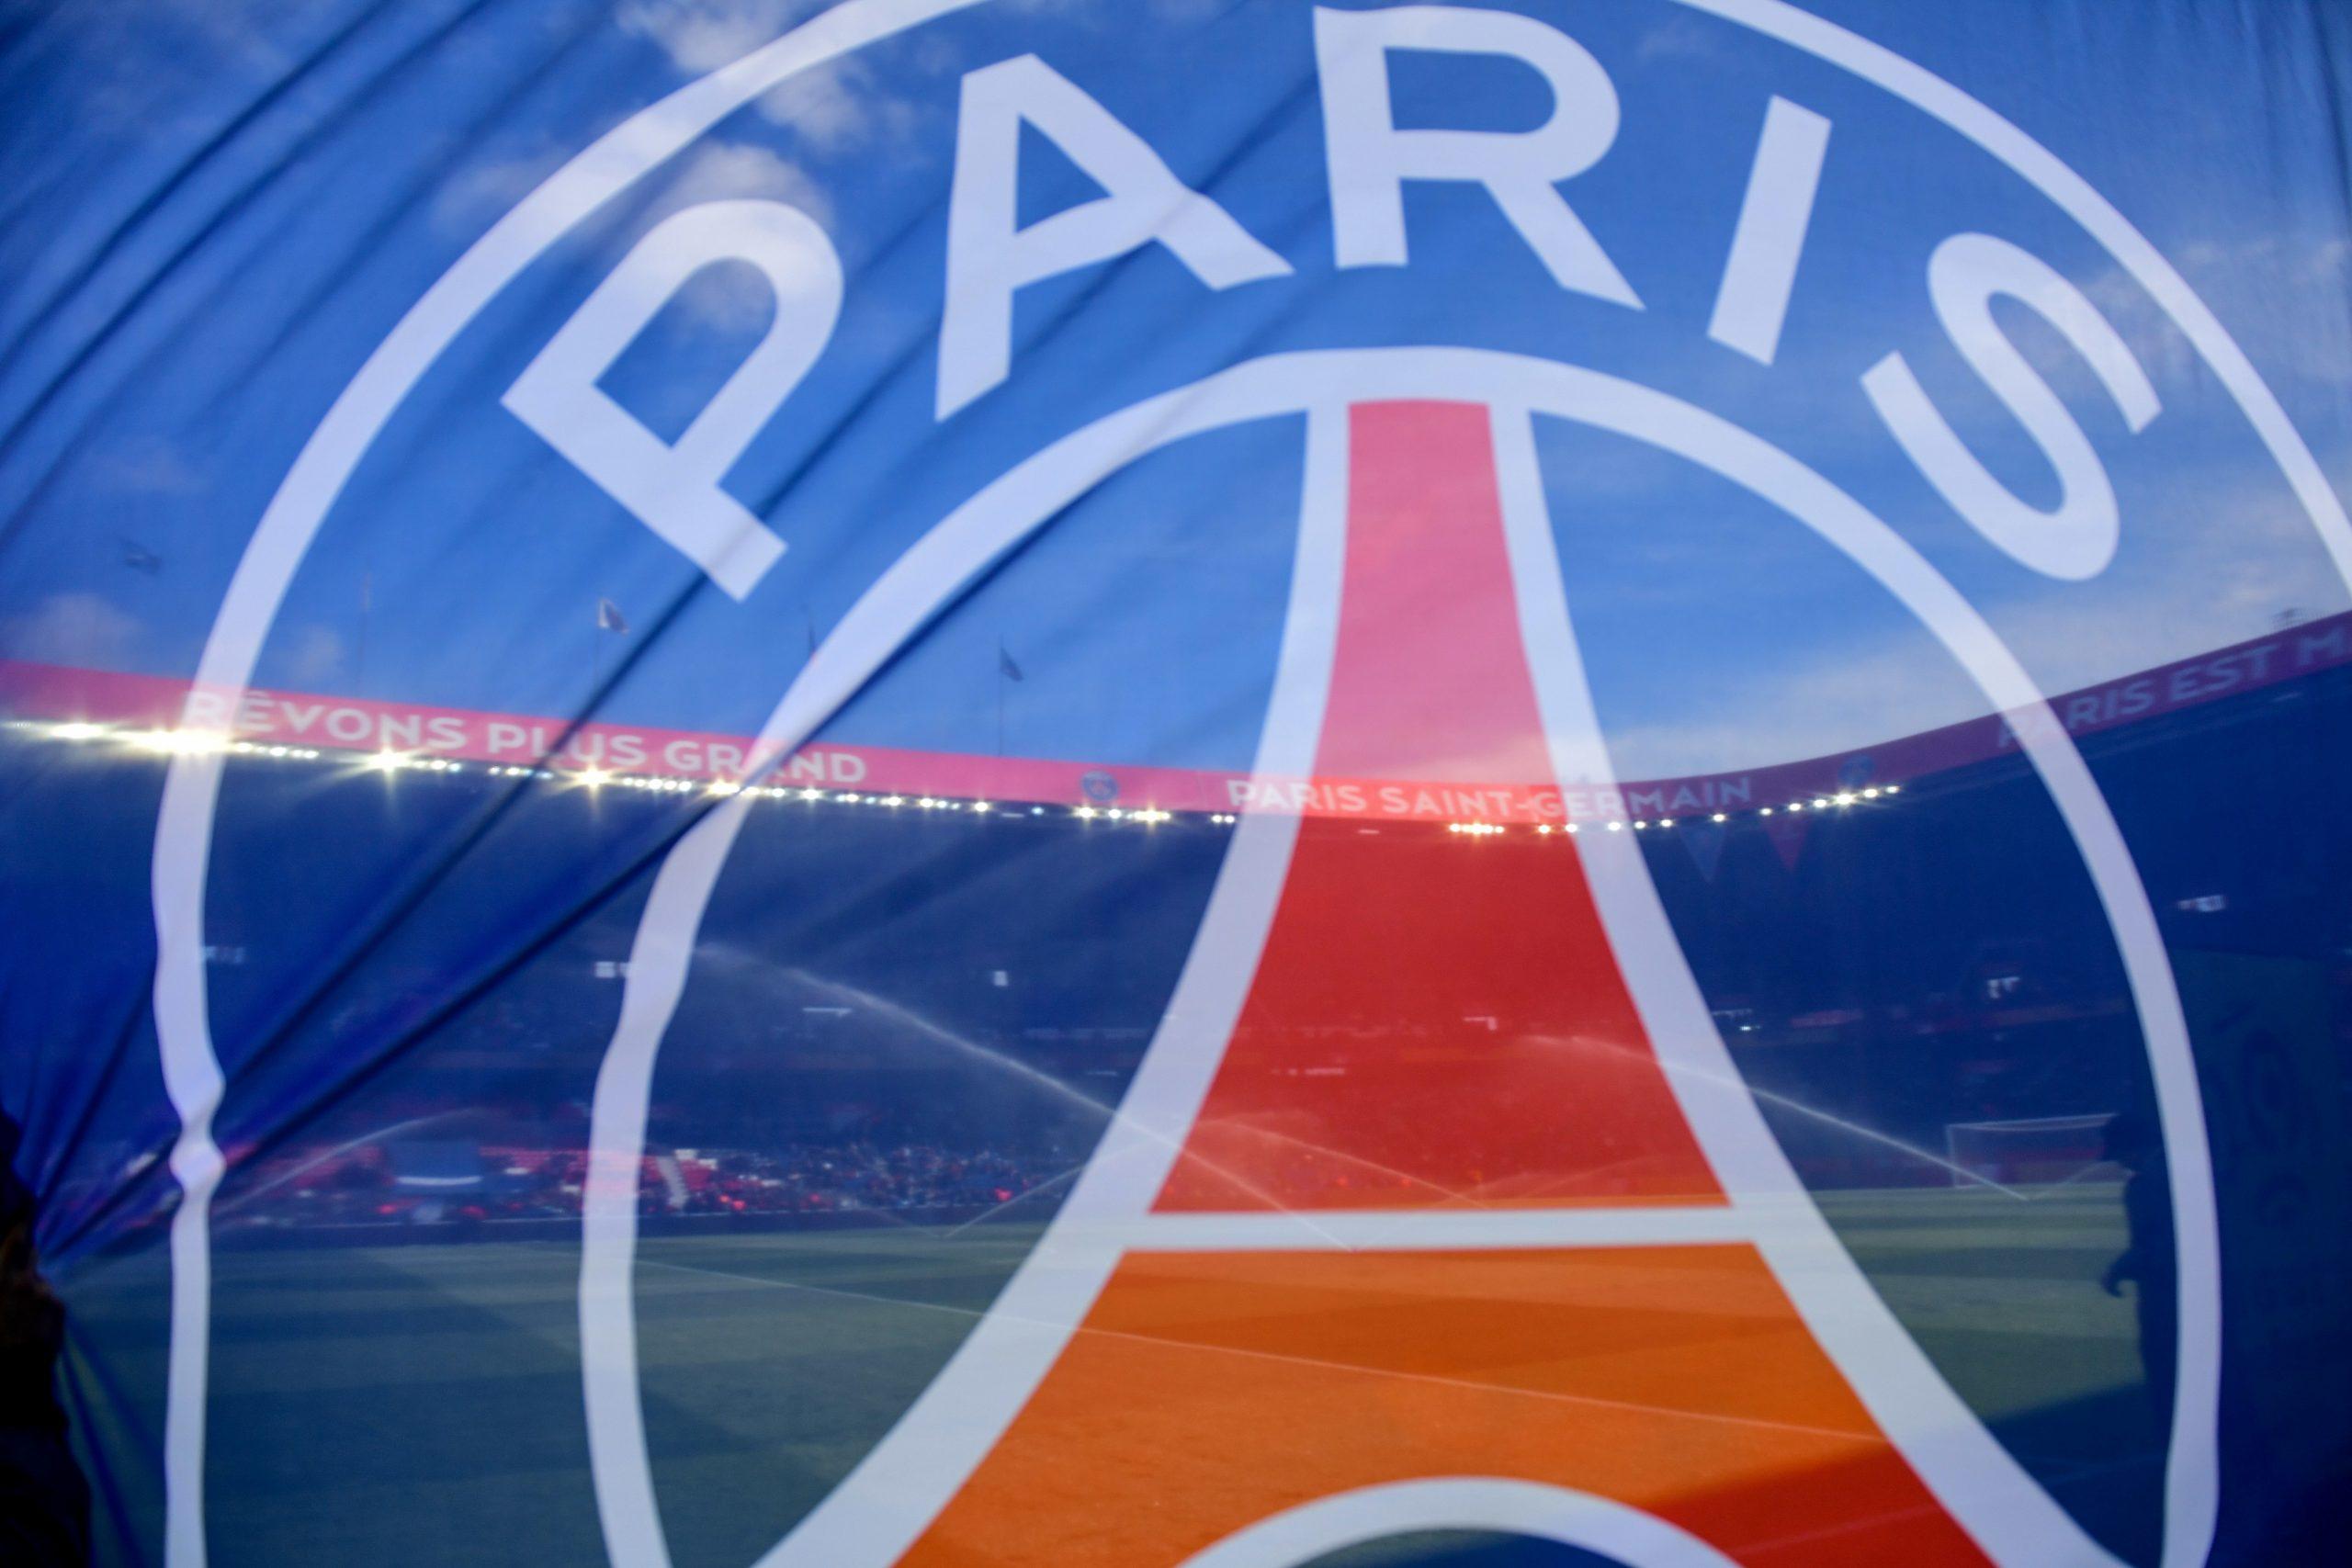 Date de reprise, matchs amicaux et compétitions en août, Le Parisien indique le programme du PSG